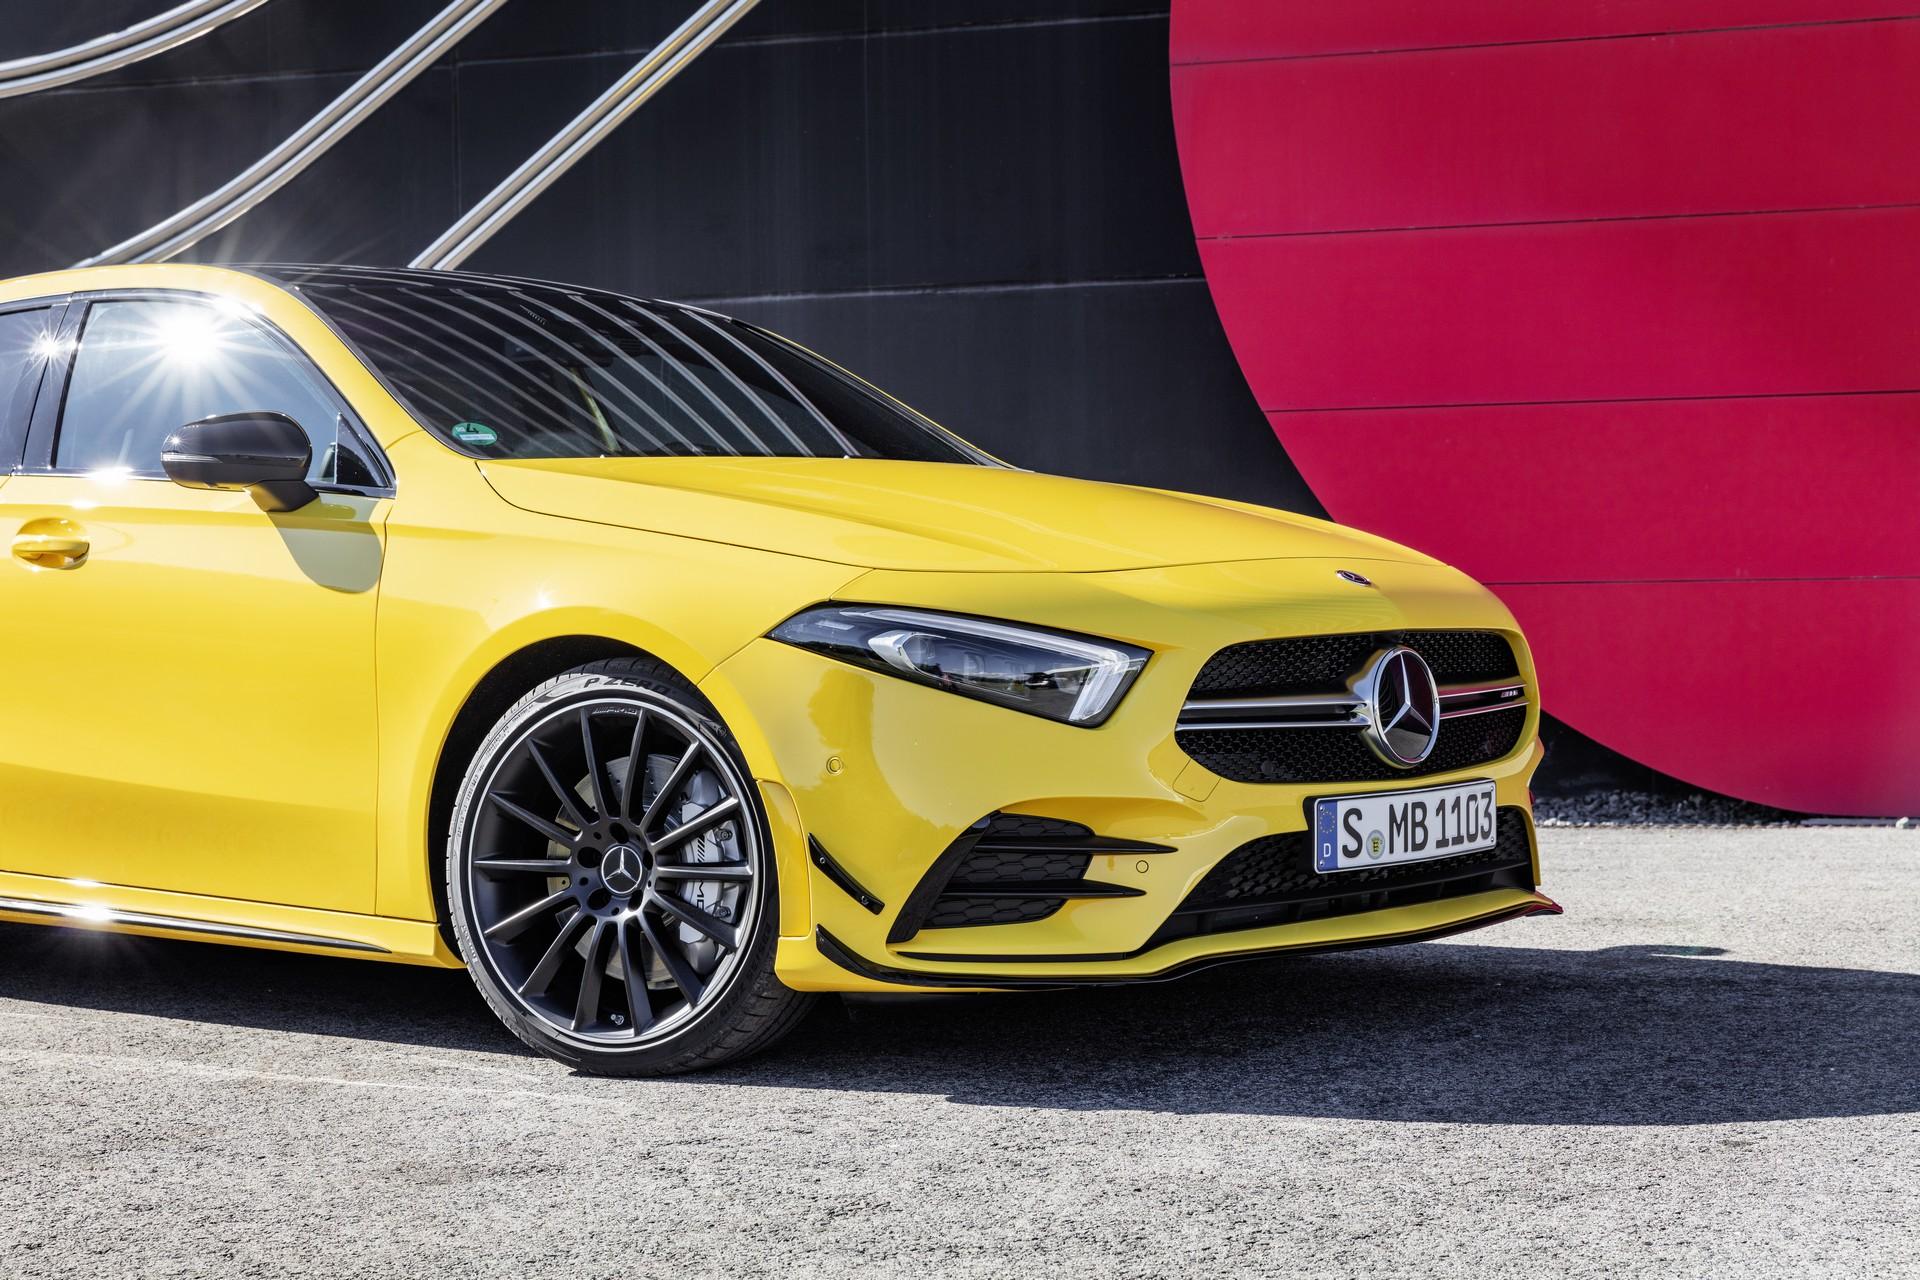 Mercedes-Benz giới thiệu 10 tính năng công nghệ hàng đầu trong năm 2019 - 9